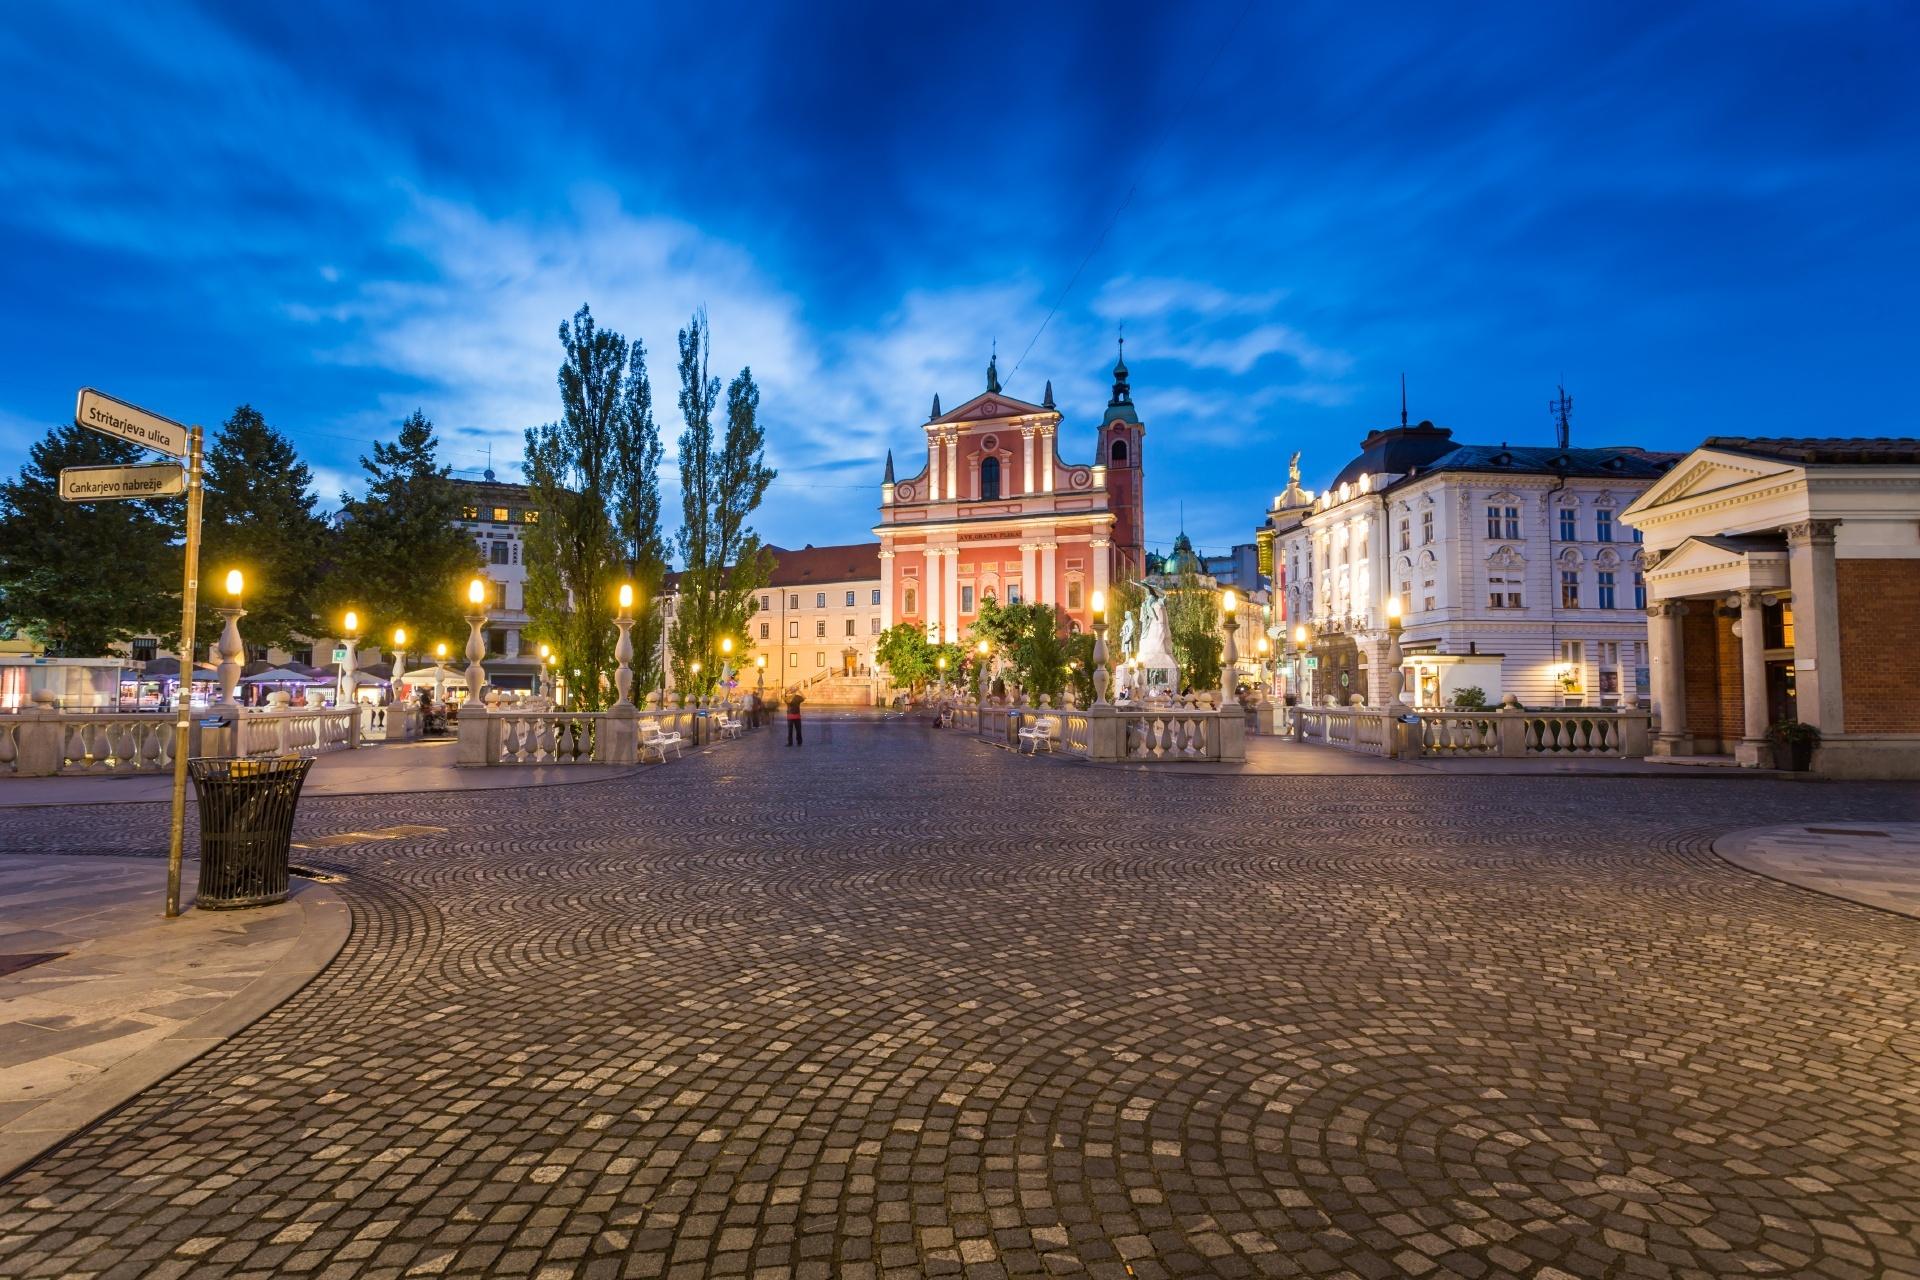 スロベニアの首都リュブリャナの街並み スロベニアの風景